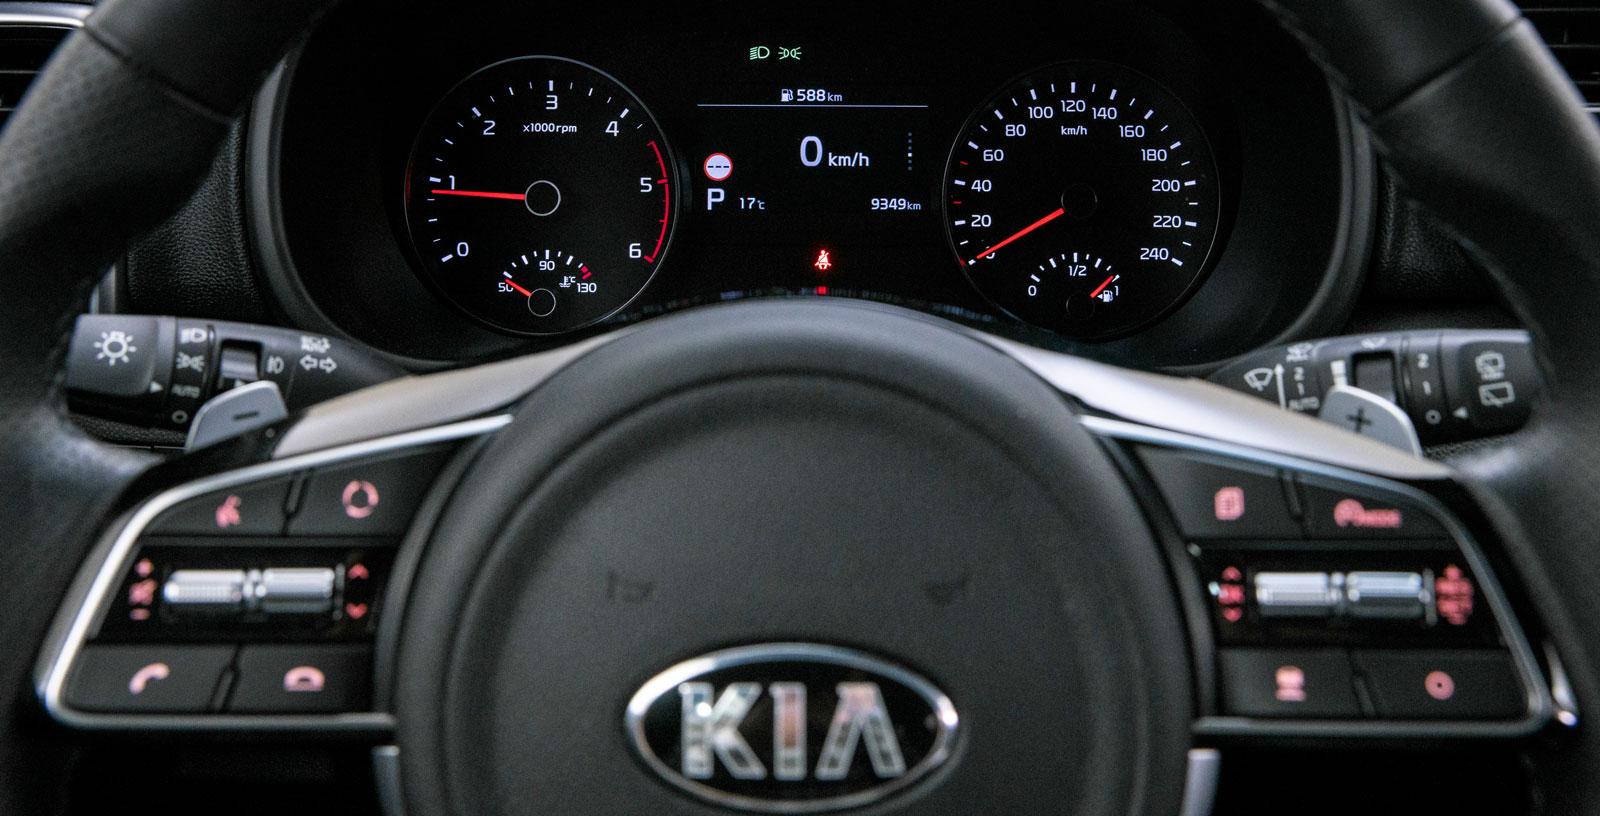 Röda mätarnålar håller ordning på varvtal och hastighet. Rejäl färddatordisplay med trafikskyltsavläsning, det har även Ford och Honda.